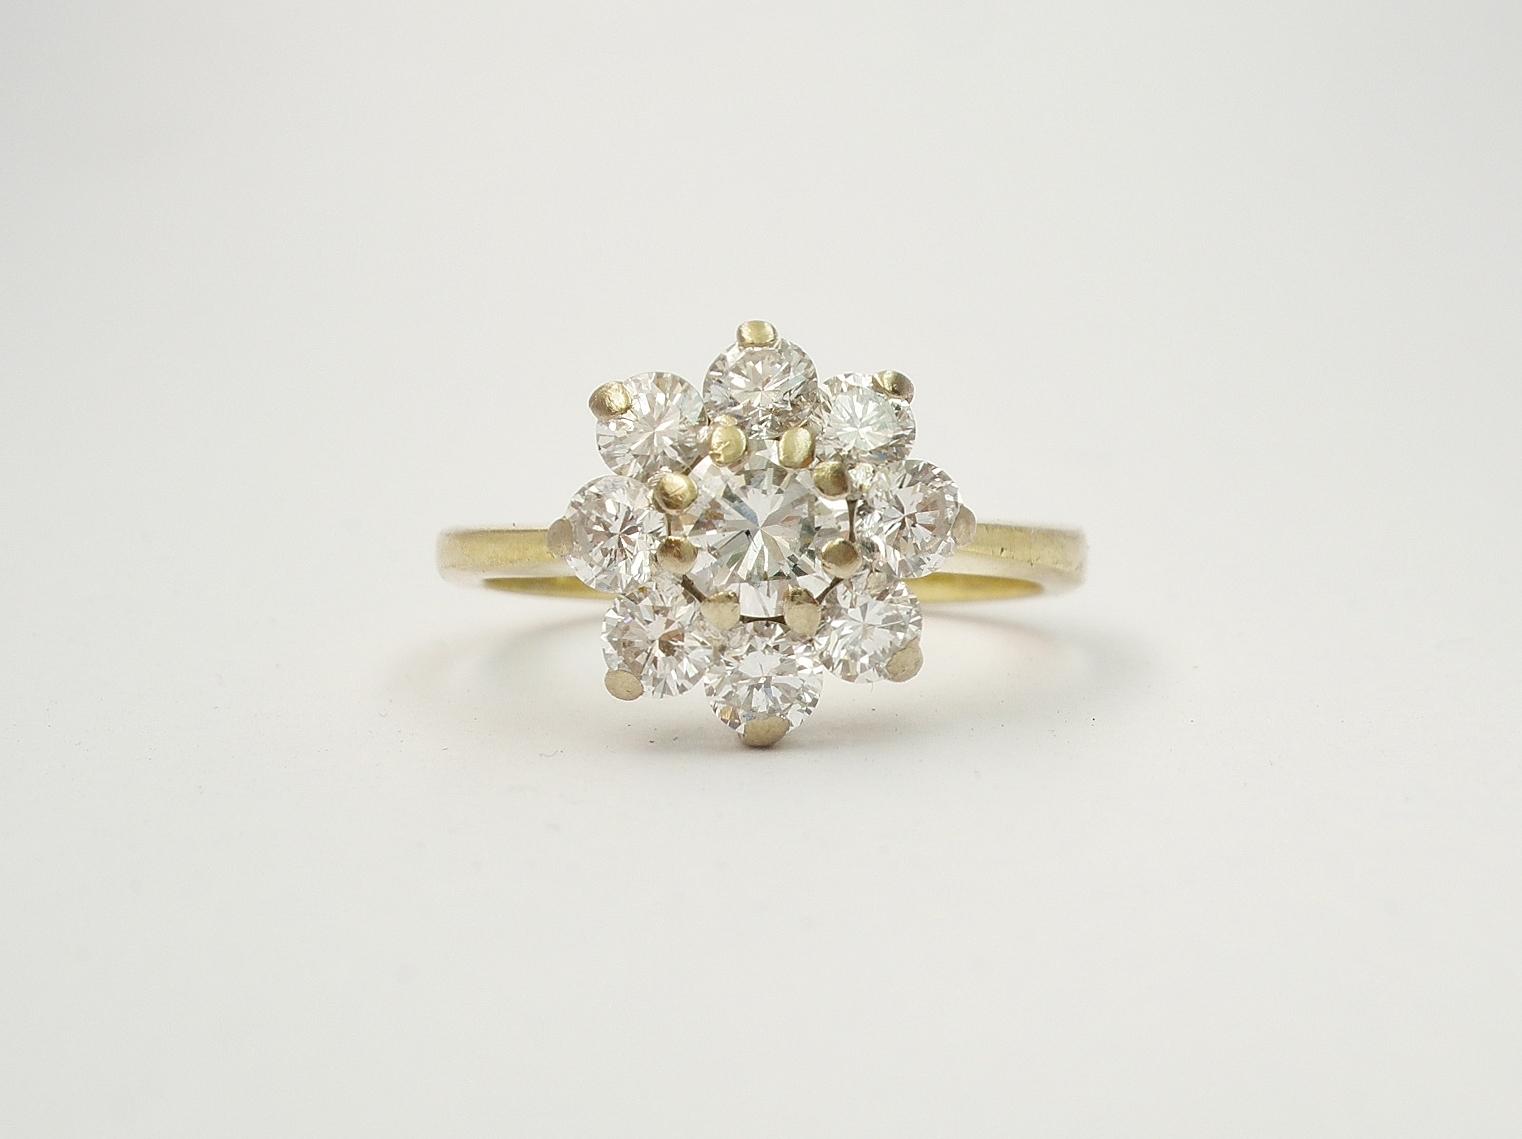 Customer's original 18ct. yellow & white gold 9 stone diamond cluster ring.